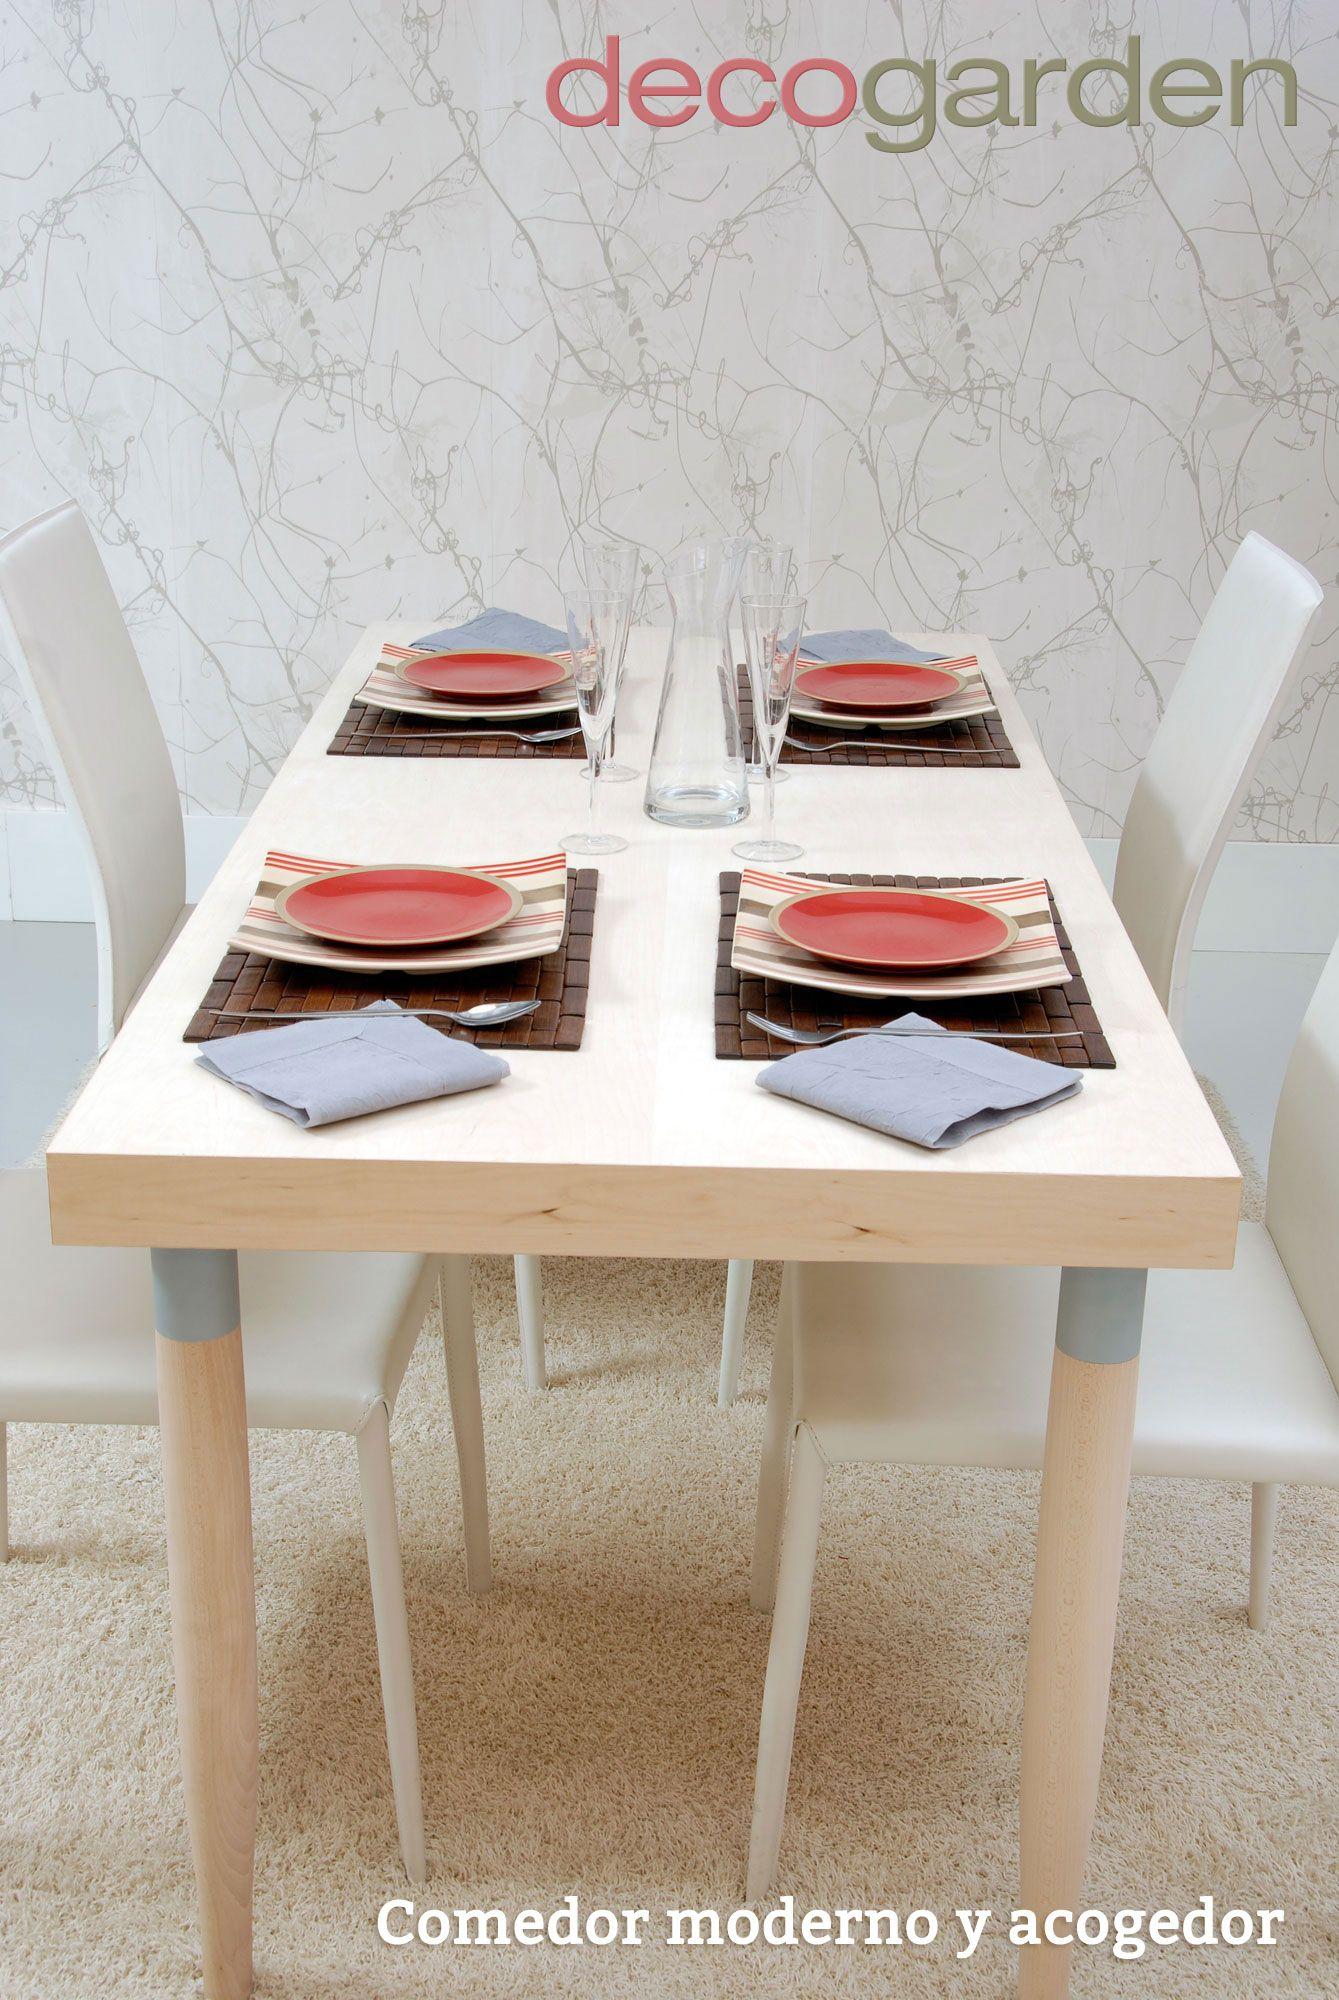 Comedor moderno y acogedor